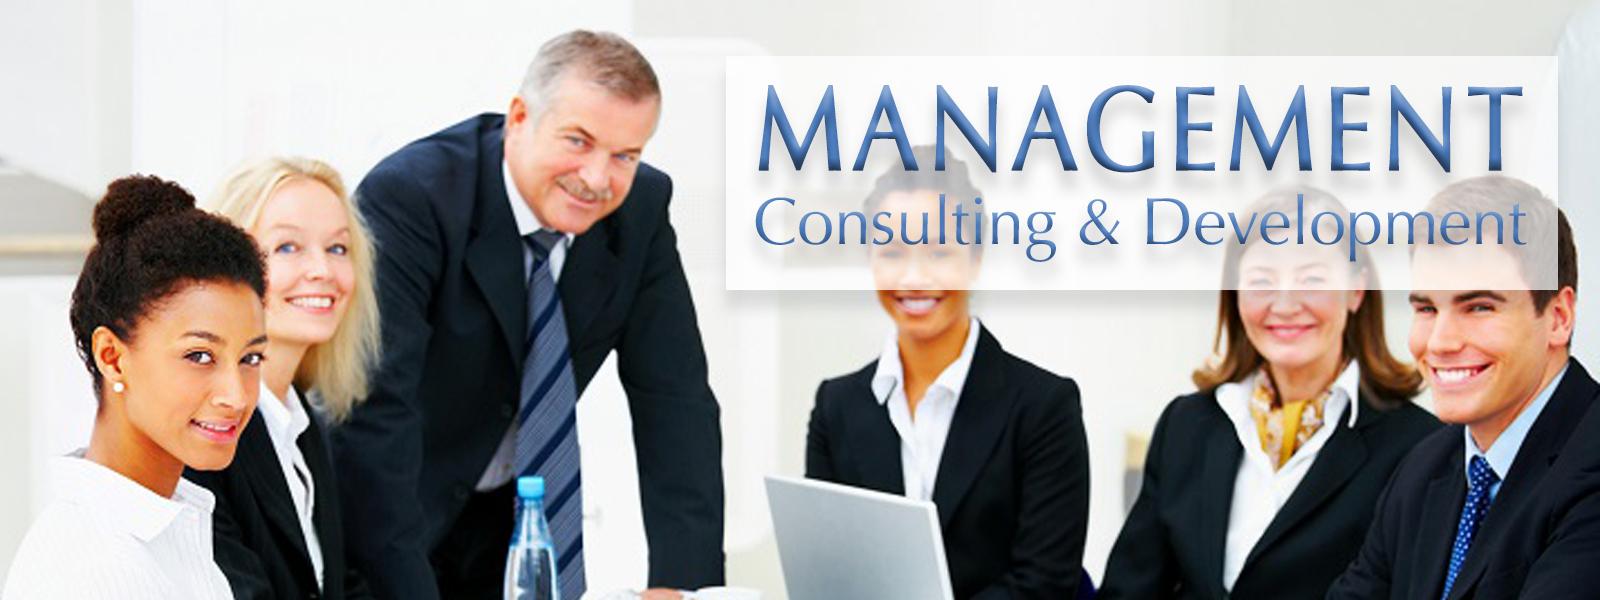 Camelot Enterprises, LLC - est. 1994 | Professional Business Management Consulting Services